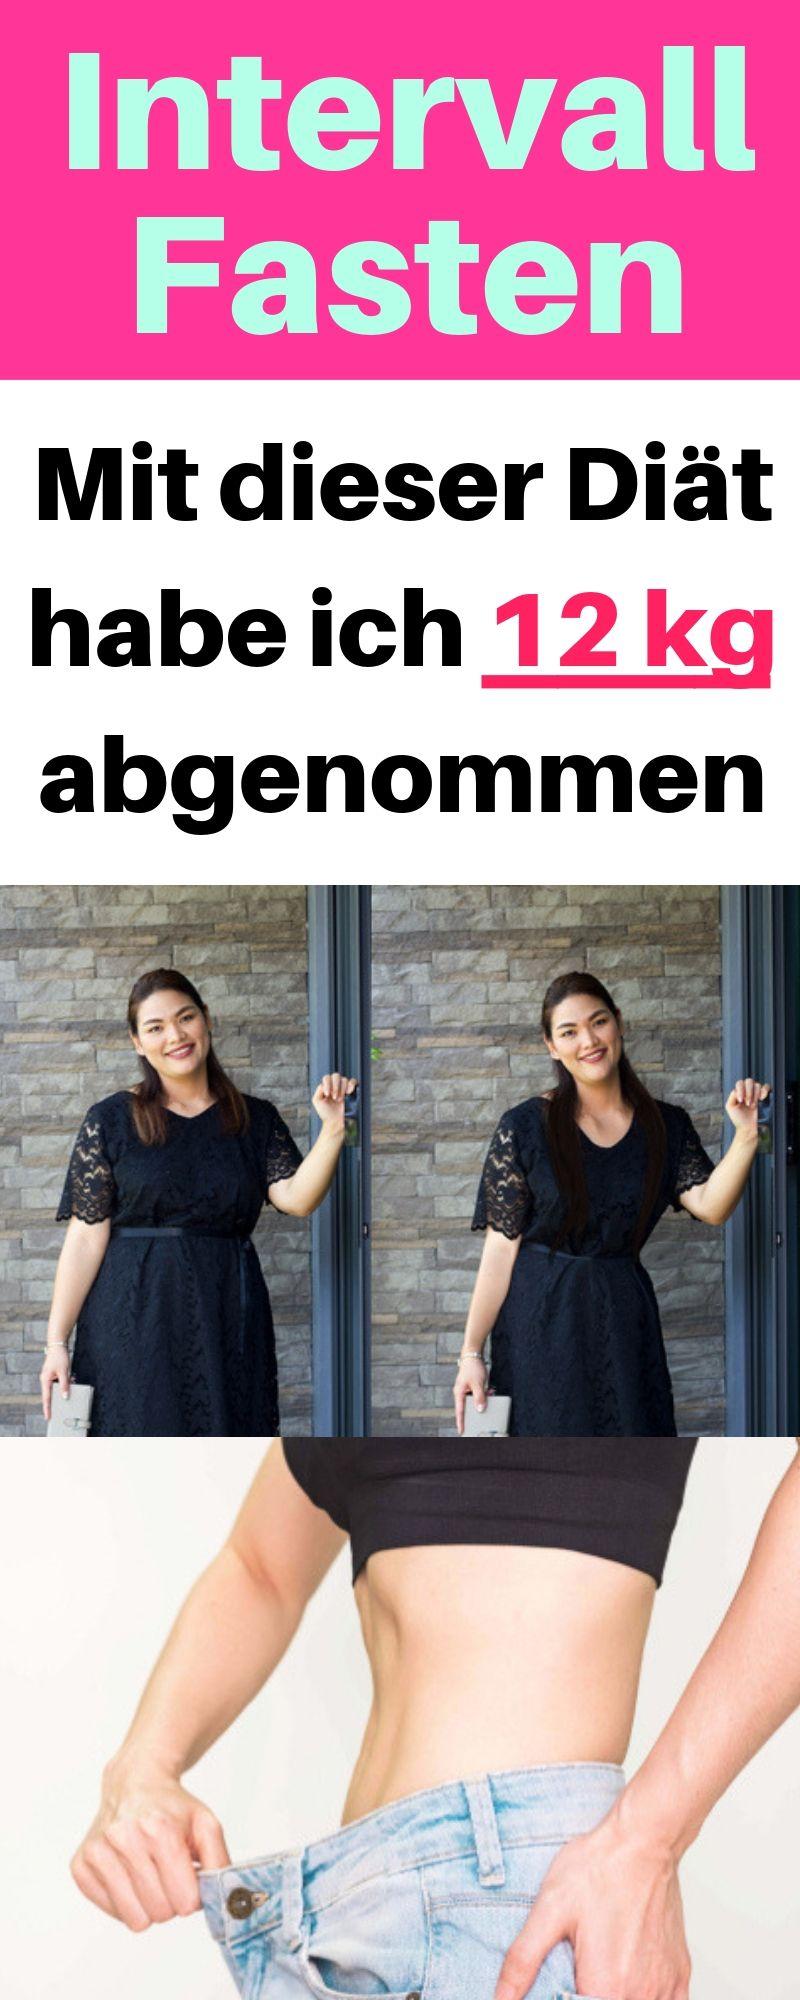 Empfohlener Diät-Schwangerschafts-Blog